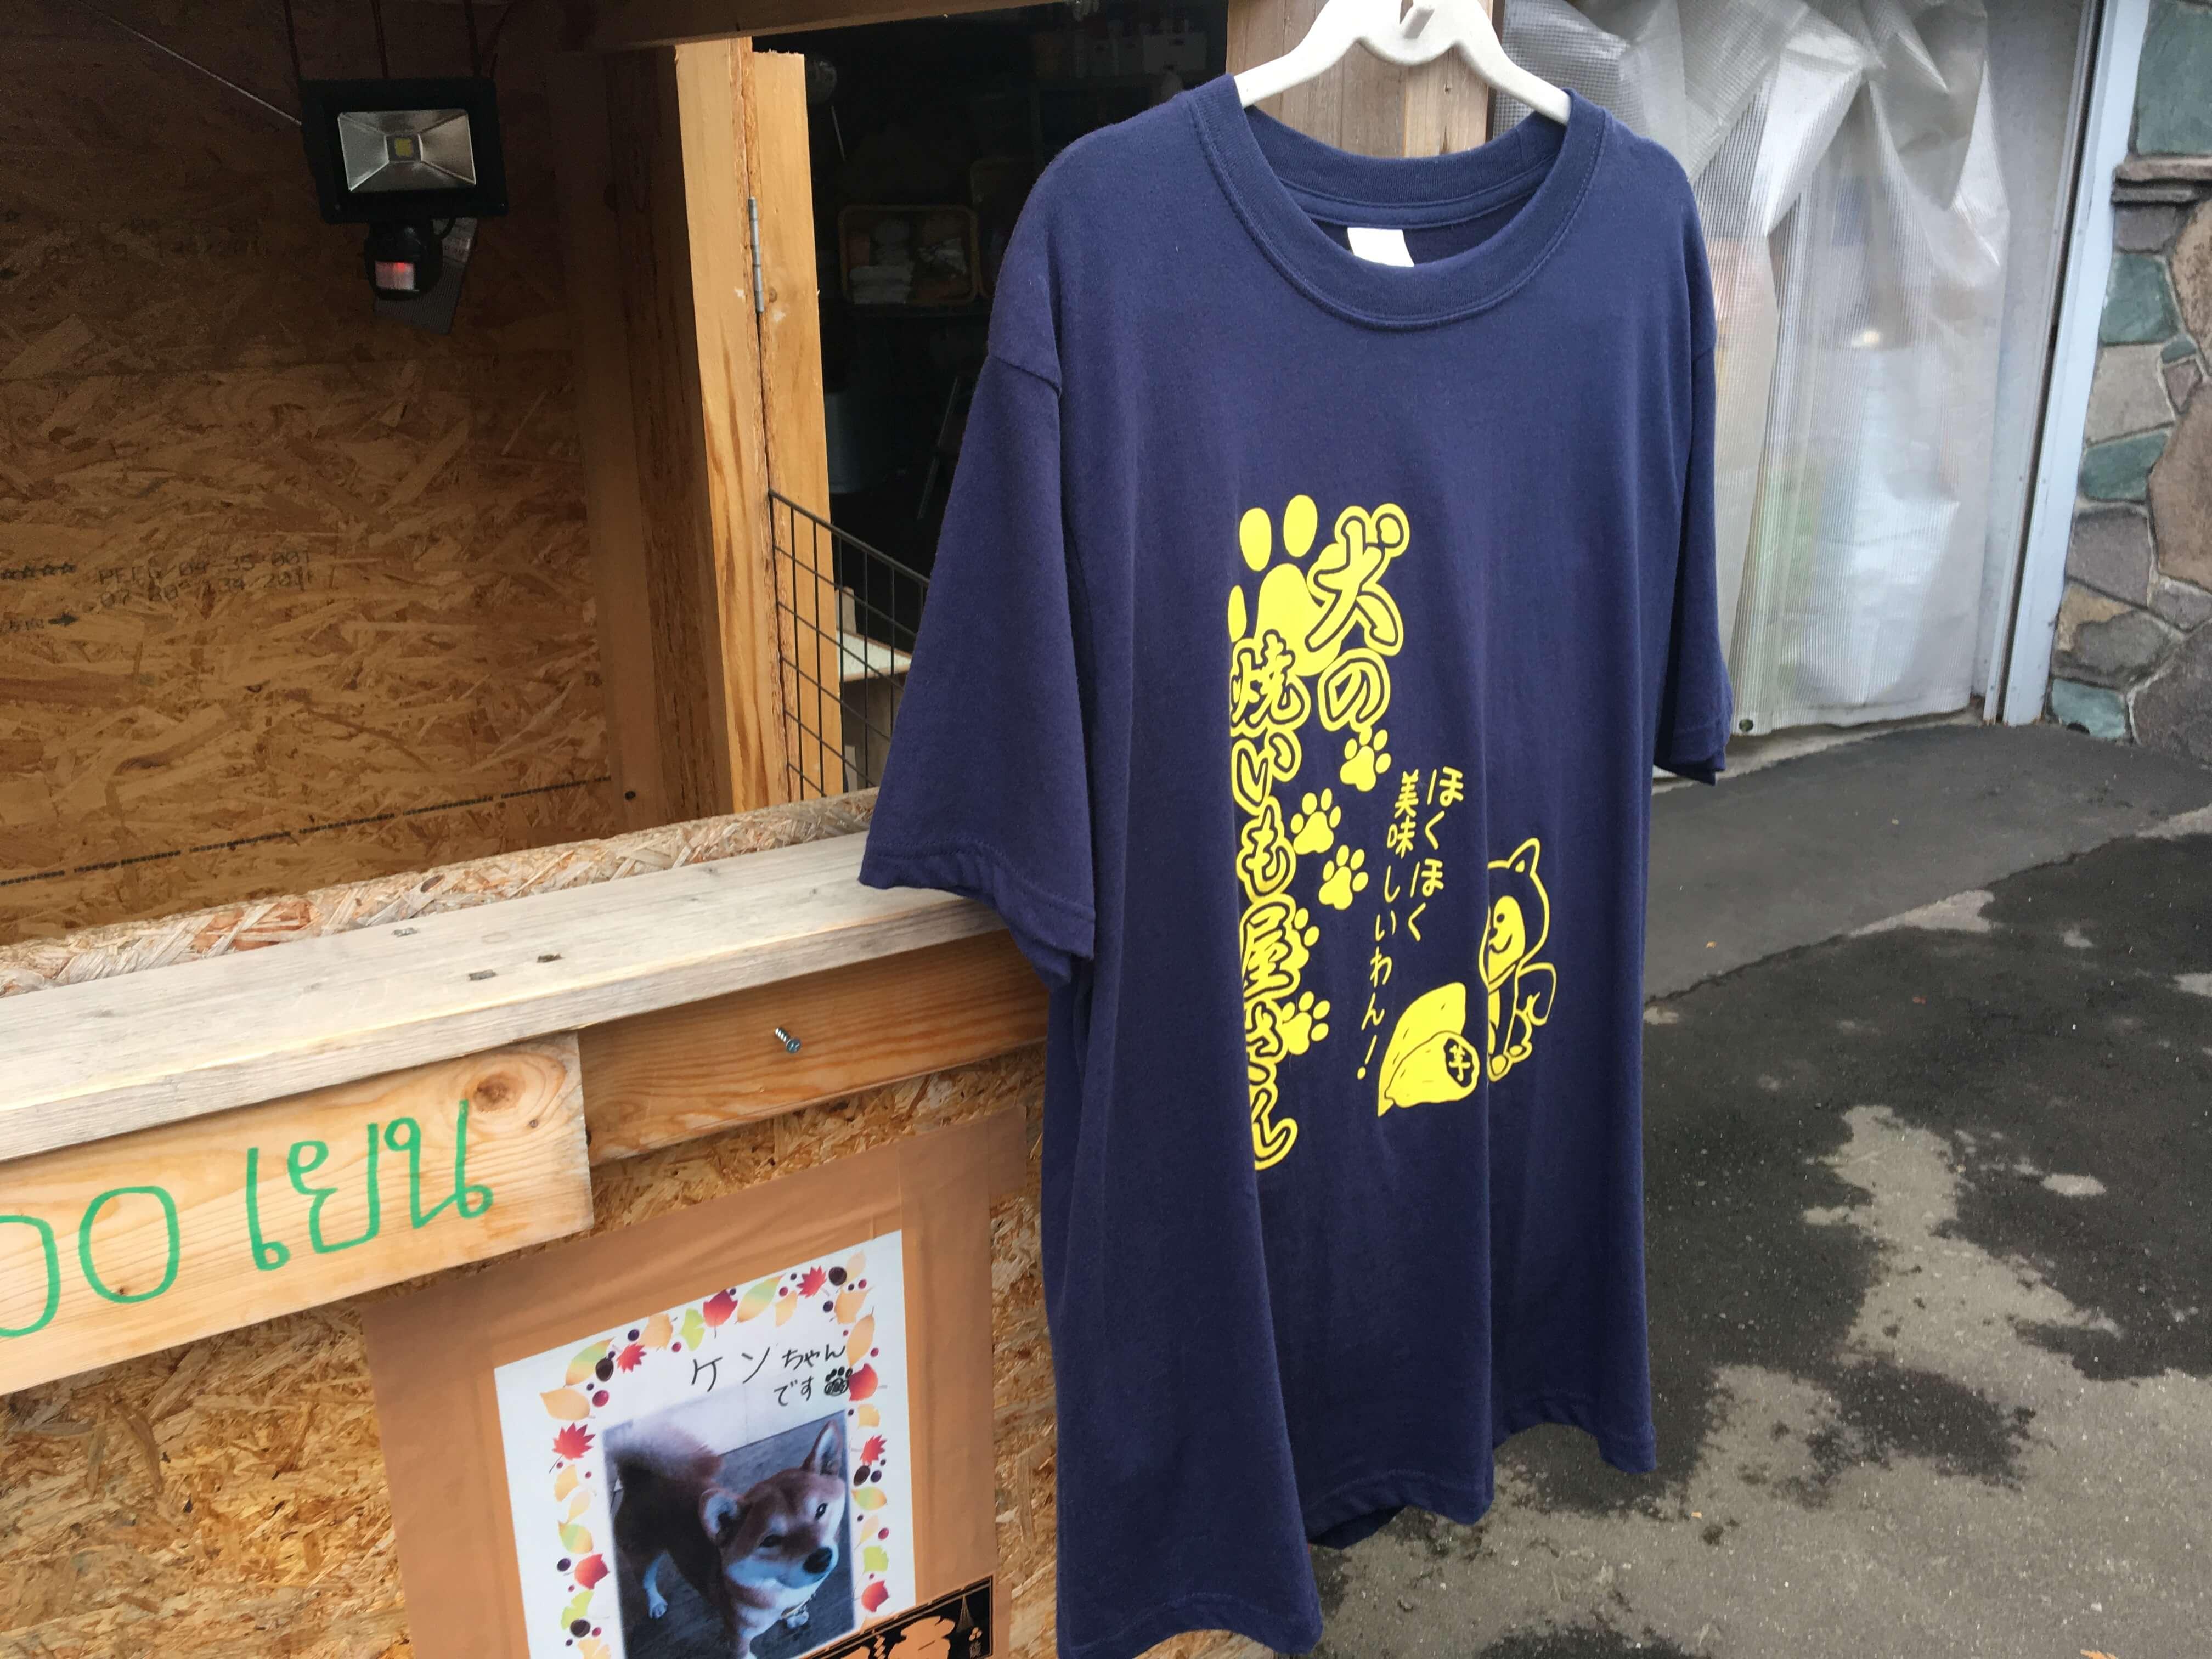 犬のやきいも屋さんで販売しているTシャツ